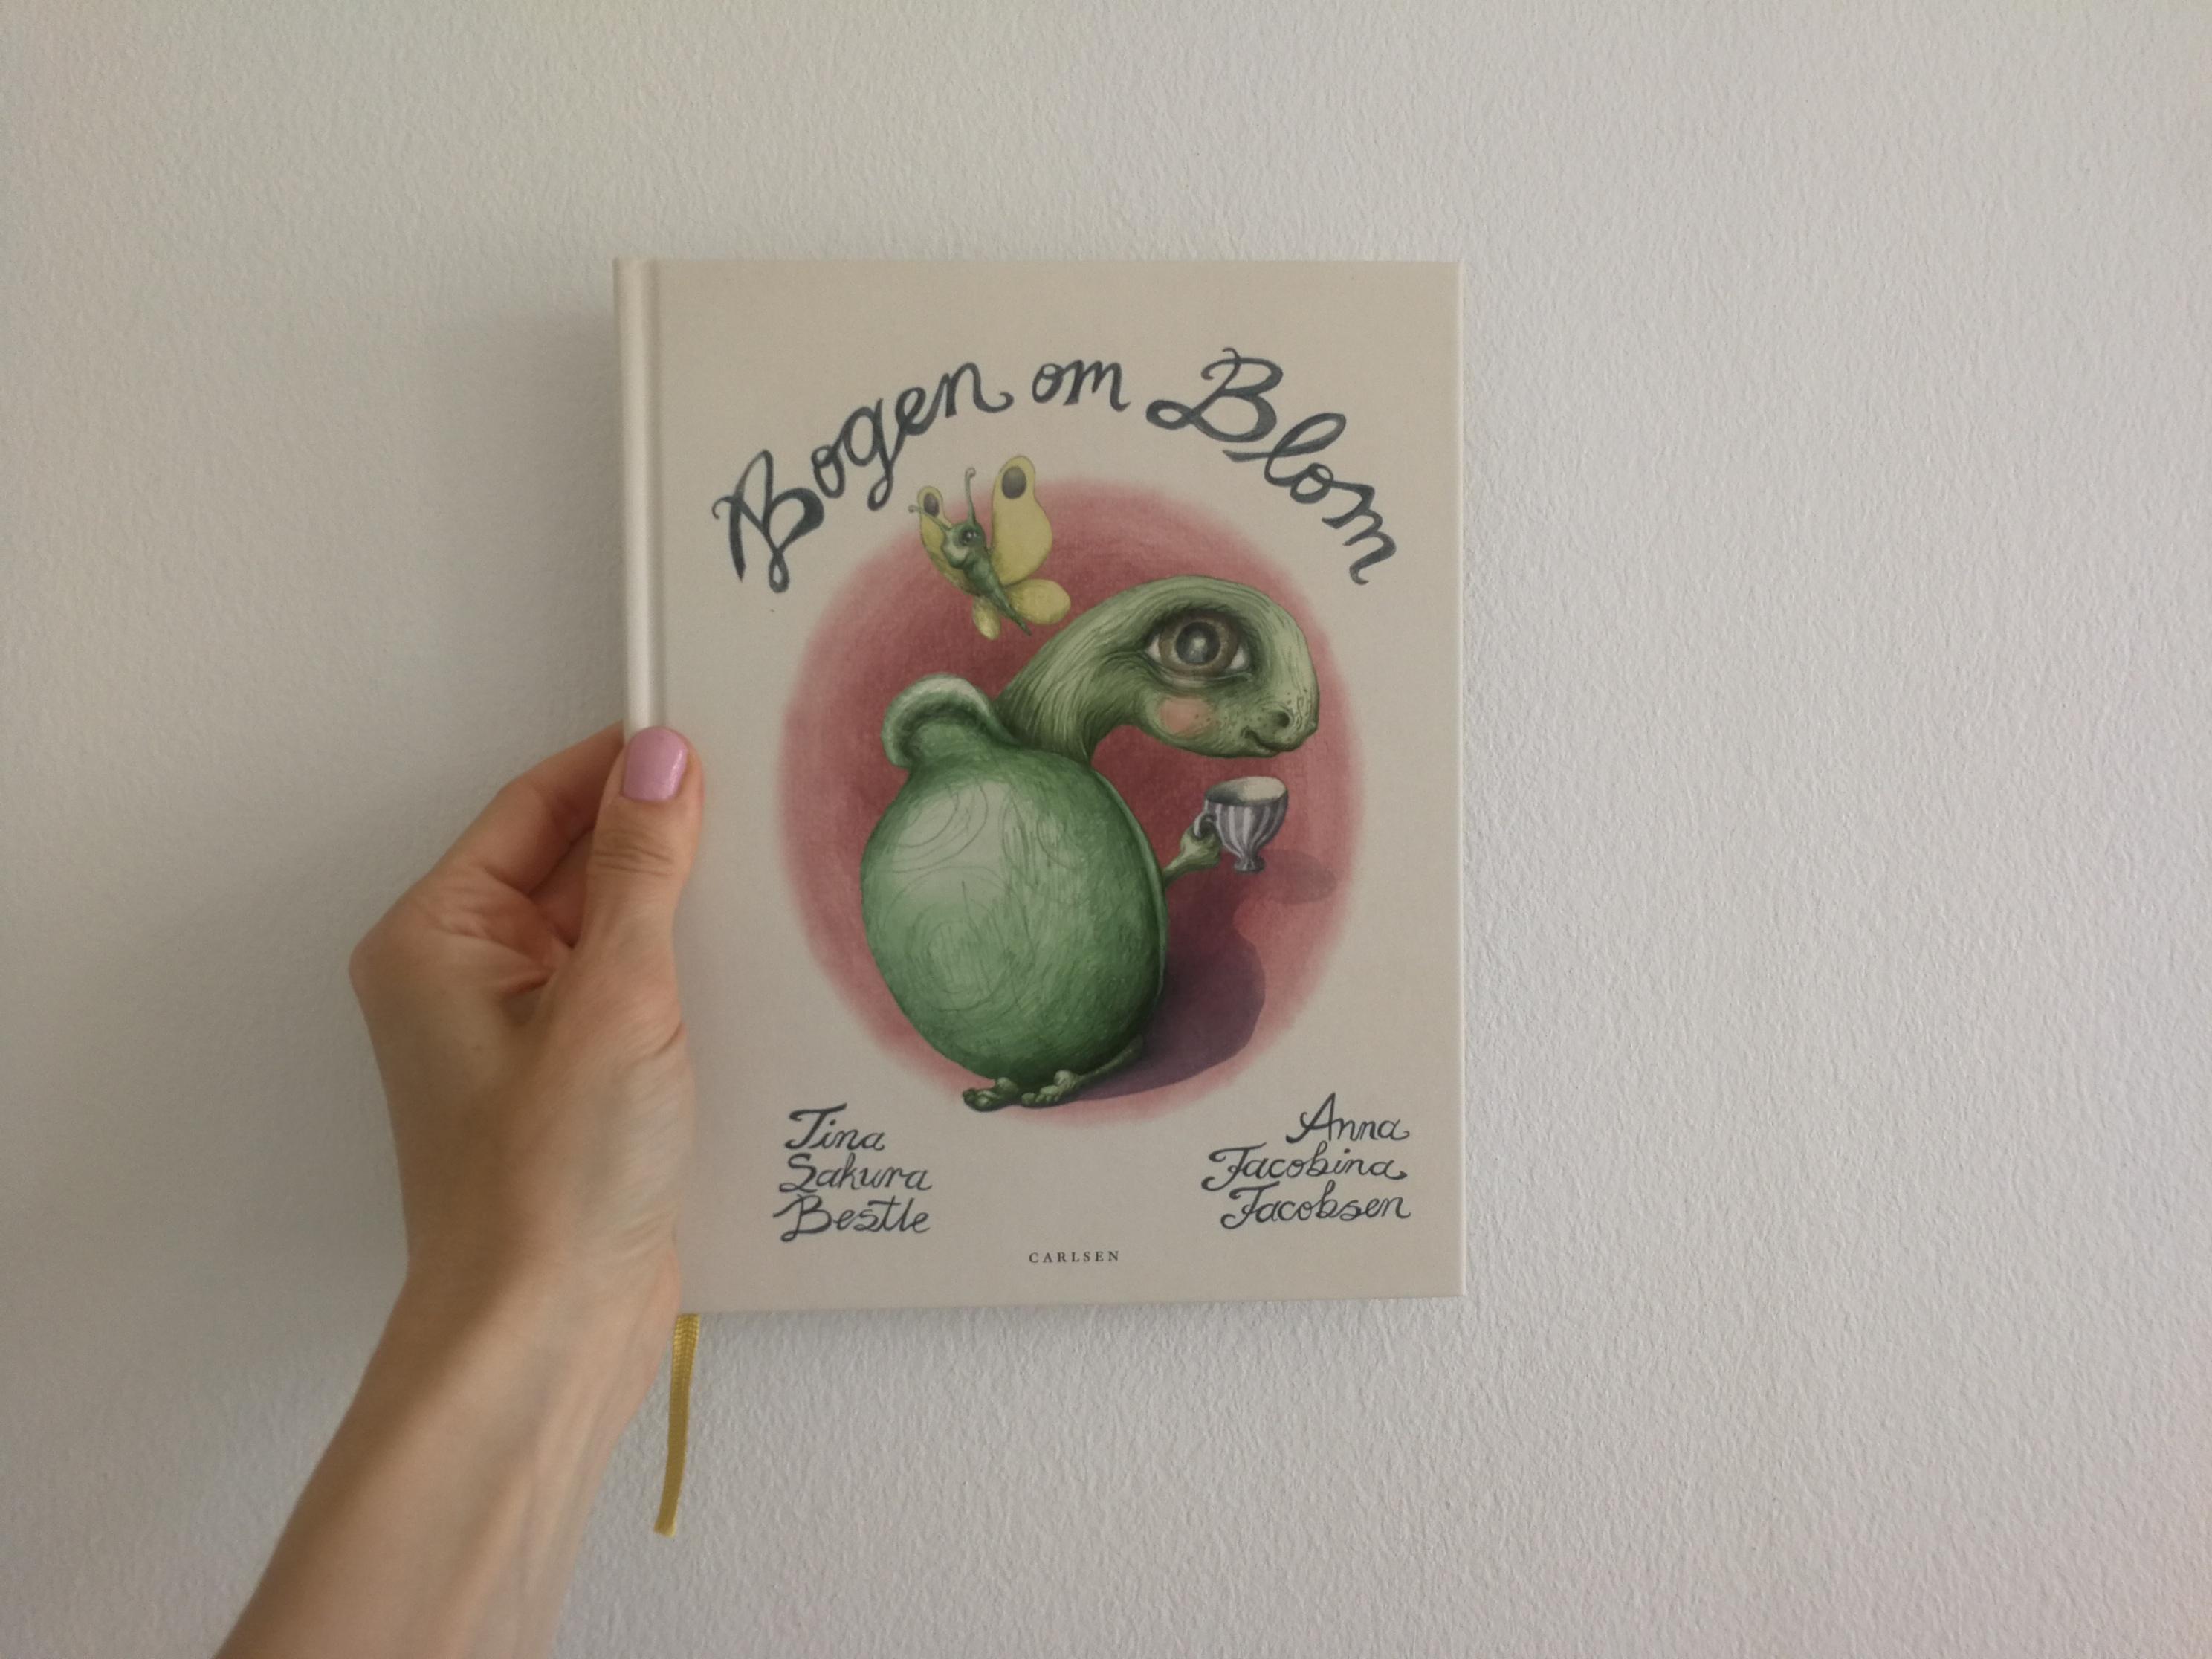 bogen om blom kulturmor anmeldelse